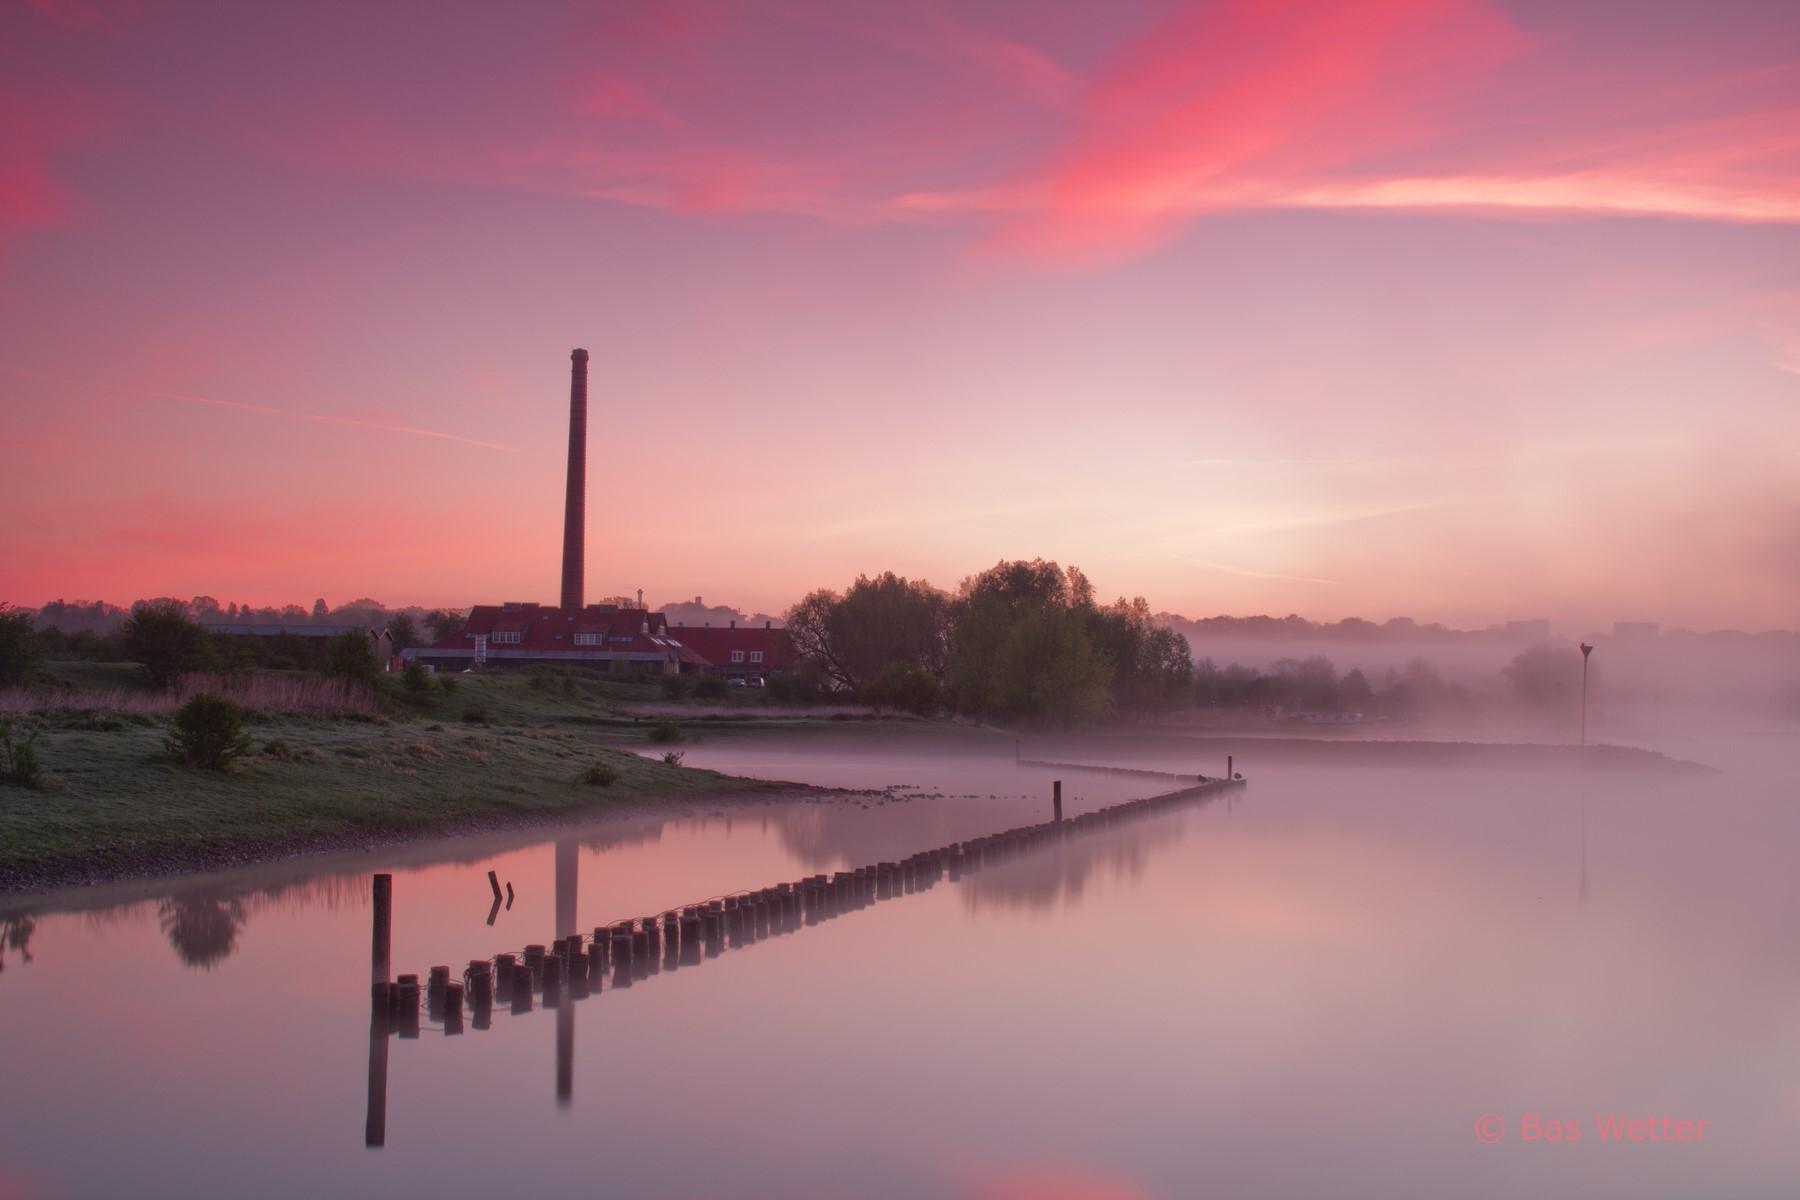 Roze zonsopgang aan de Neder-Rijn bij de Bovenste Polder van Wageningen